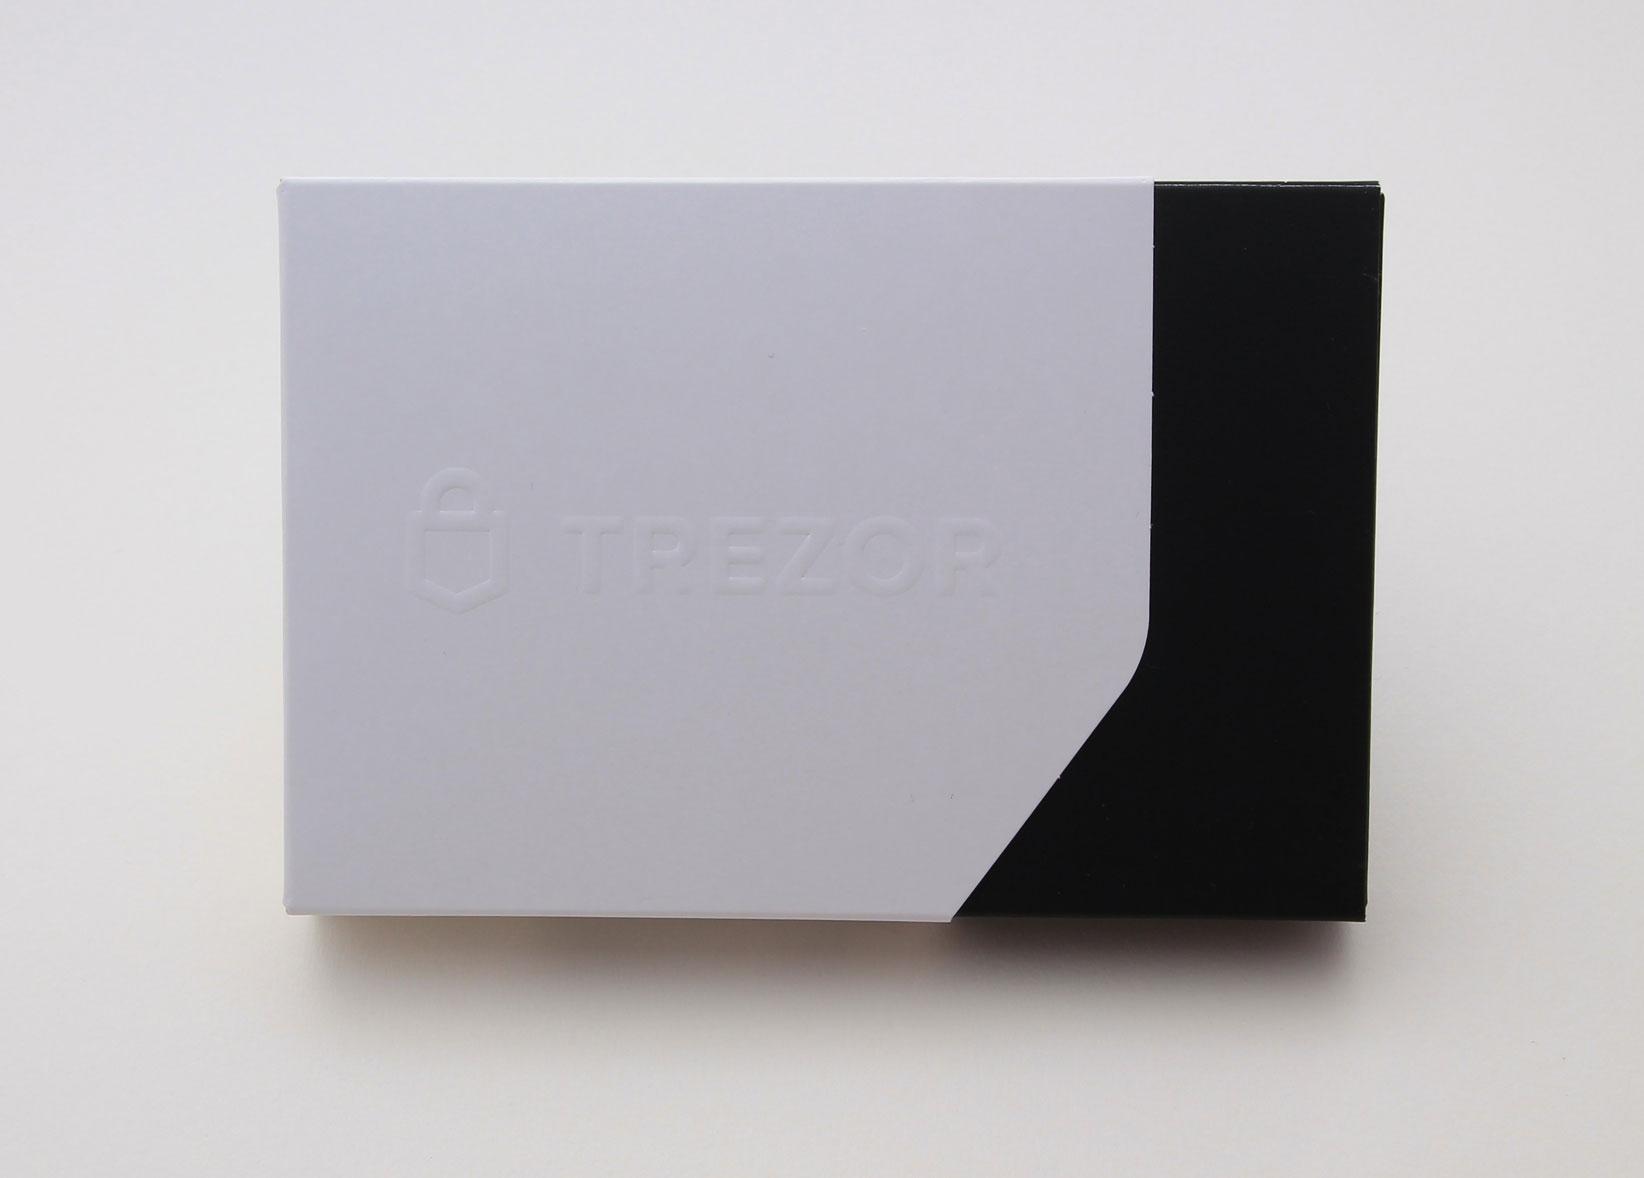 obzor-apparatnogo-koshelka-trezor-model-t_01